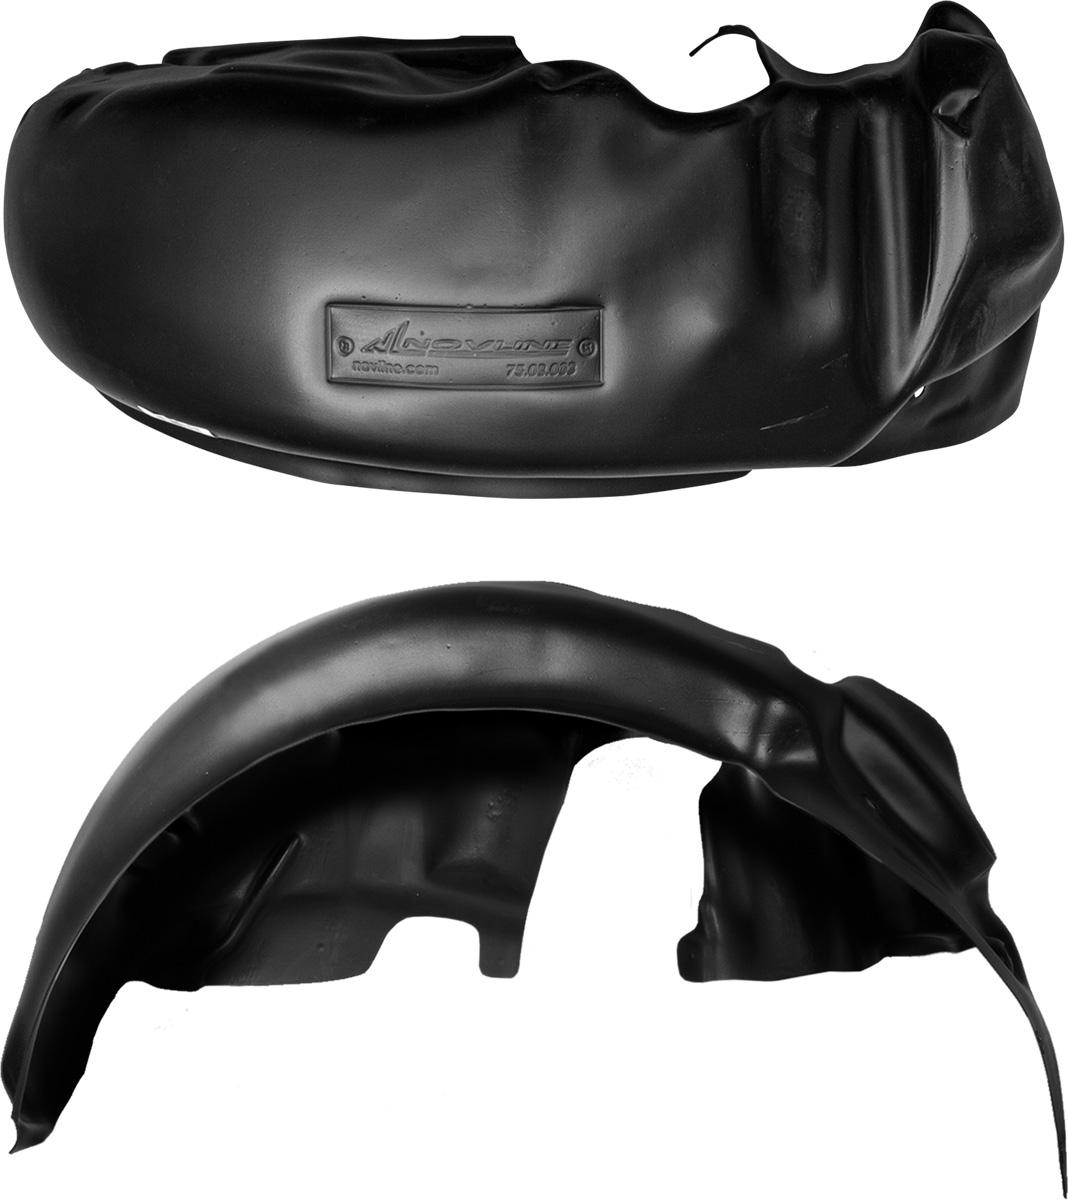 Подкрылок CHEVROLET NIVA 2009-2013, передний правыйNLL.52.17.002Колесные ниши – одни из самых уязвимых зон днища вашего автомобиля. Они постоянно подвергаются воздействию со стороны дороги. Лучшая, почти абсолютная защита для них - специально отформованные пластиковые кожухи, которые называются подкрылками, или локерами. Производятся они как для отечественных моделей автомобилей, так и для иномарок. Подкрылки выполнены из высококачественного, экологически чистого пластика. Обеспечивают надежную защиту кузова автомобиля от пескоструйного эффекта и негативного влияния, агрессивных антигололедных реагентов. Пластик обладает более низкой теплопроводностью, чем металл, поэтому в зимний период эксплуатации использование пластиковых подкрылков позволяет лучше защитить колесные ниши от налипания снега и образования наледи. Оригинальность конструкции подчеркивает элегантность автомобиля, бережно защищает нанесенное на днище кузова антикоррозийное покрытие и позволяет осуществить крепление подкрылков внутри колесной арки практически без дополнительного...